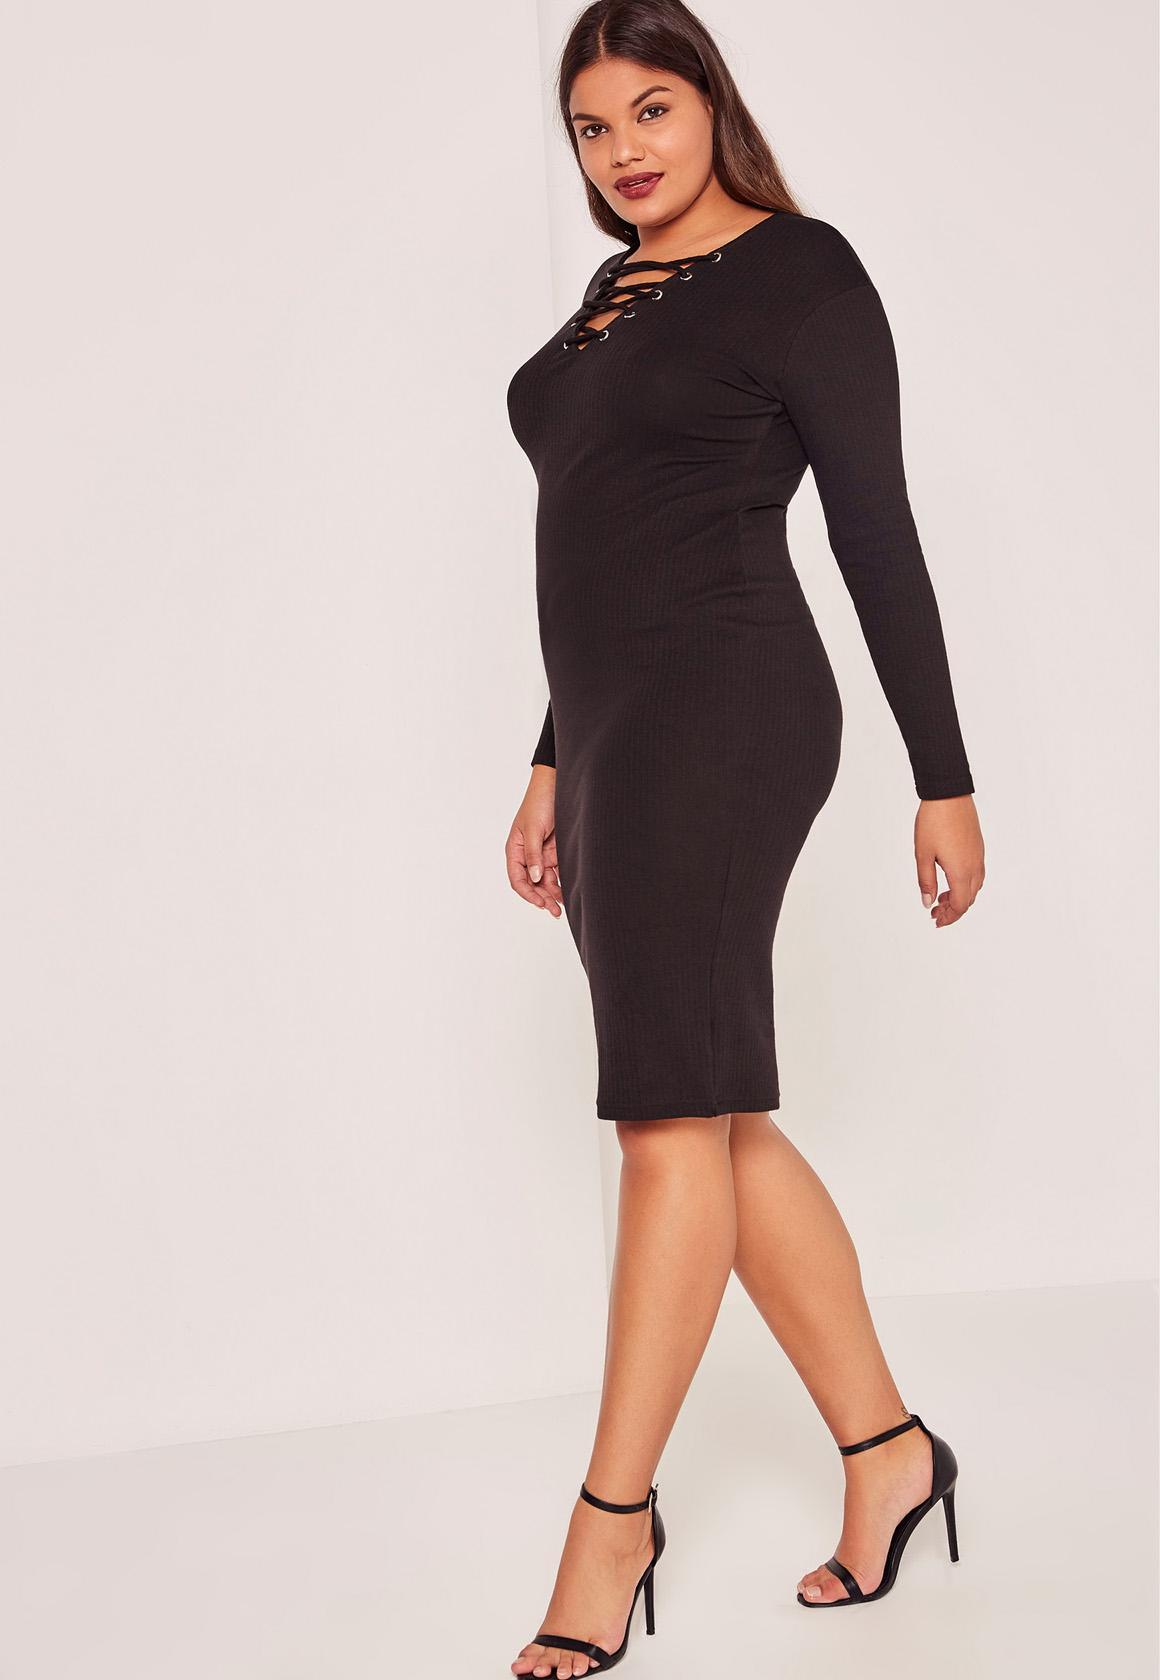 Black Plus Size Ribbed Lace Up Midi Dress